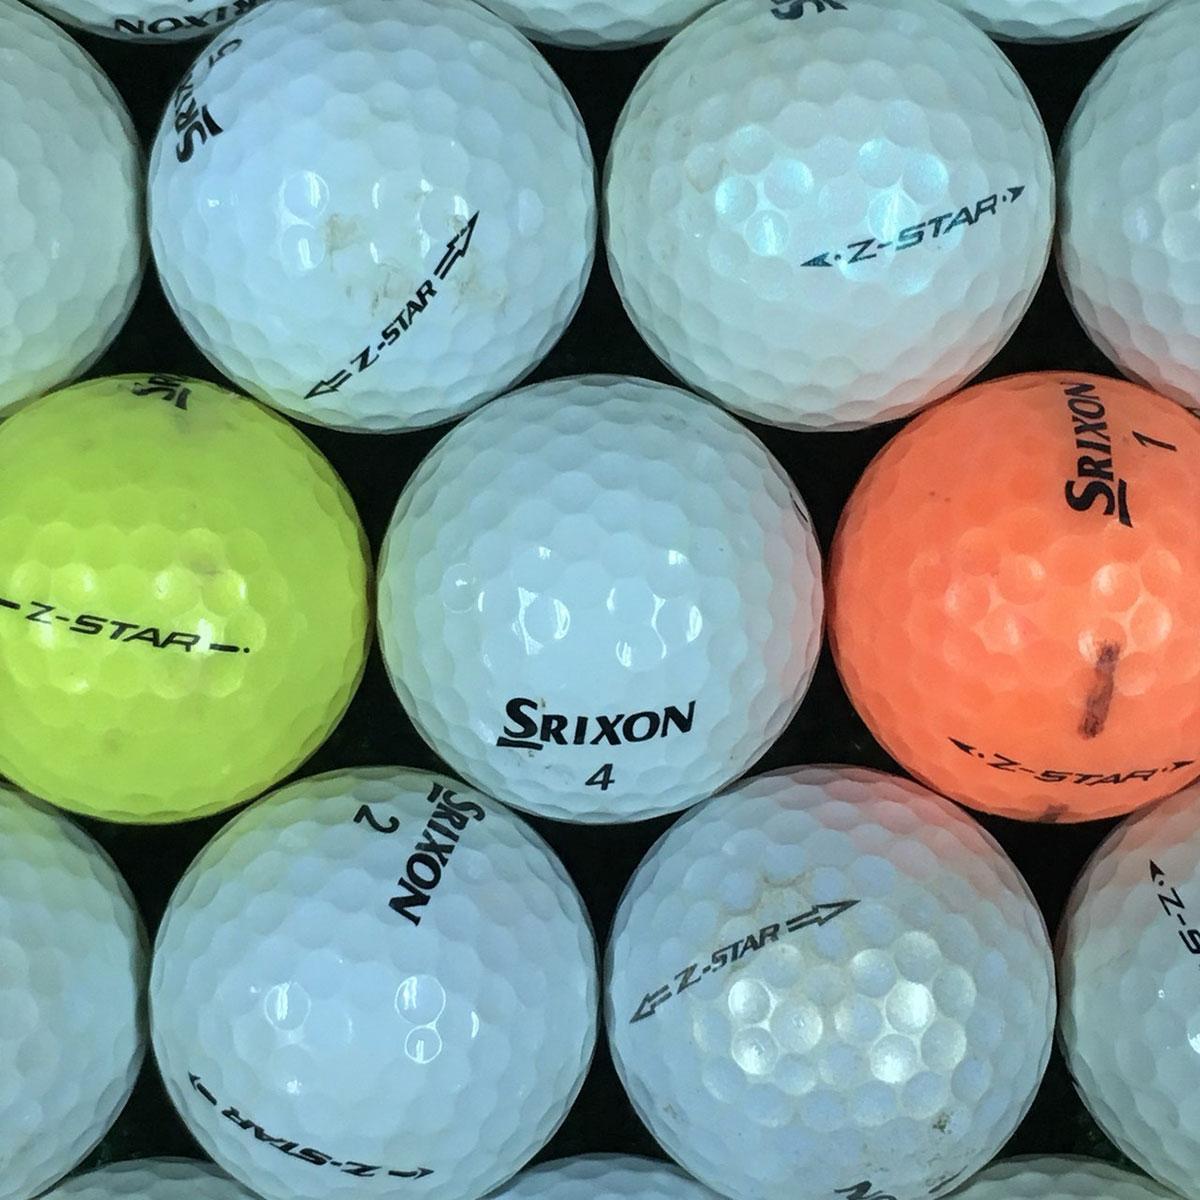 【11/30(土)0時~23時59分まで!最大2400円OFFクーポン配布♪】ロストボール Lost Ball スリクソン SRIXON Z-STAR 練習用ボール 500個セット [ロストボール lost ball中古 まとめ買い ついで買い 即納 あす楽]